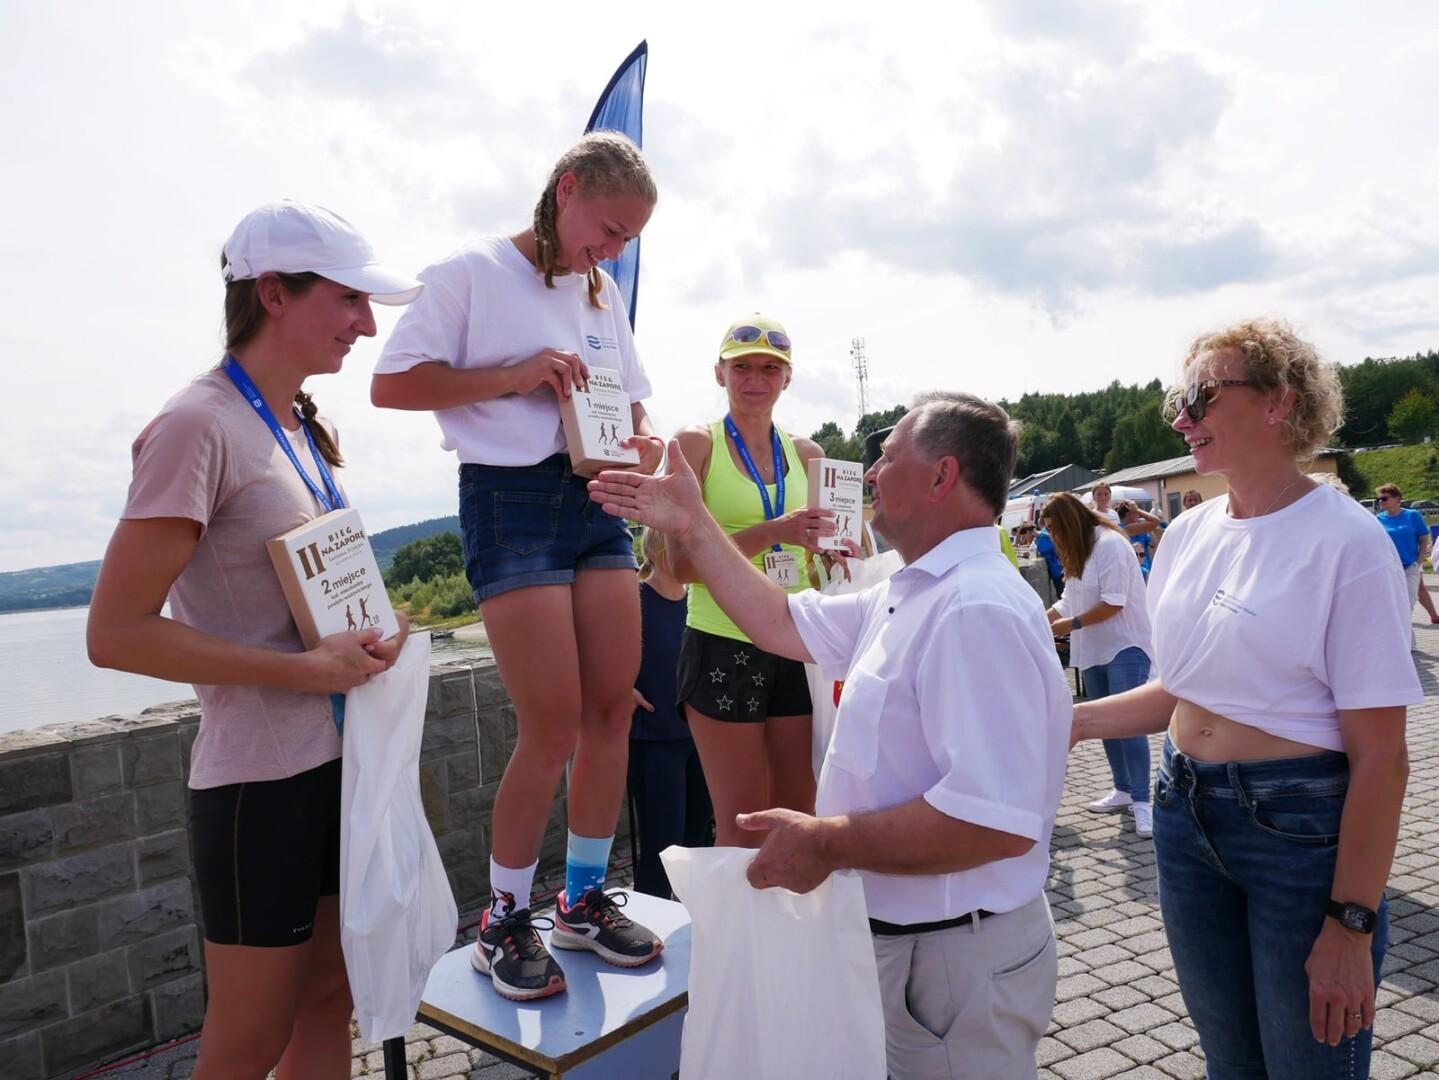 Około 200 zawodników wzięło udział w IIBiegu na Zaporę - Świnna Poręba, który odbył się wczoraj, 22 sierpnia br.